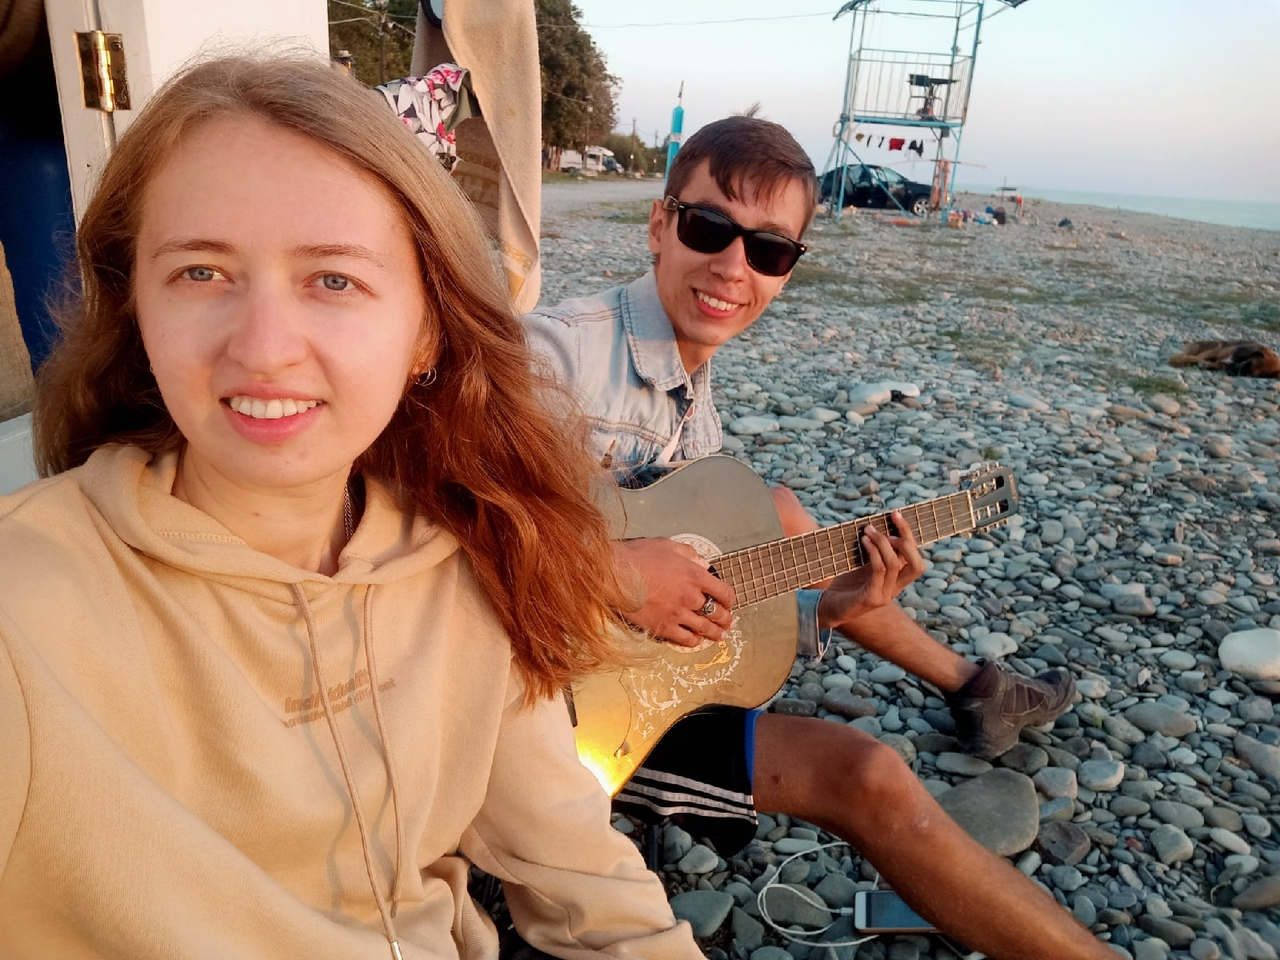 Сейчас Сергей и Дарья на берегу Черного моря